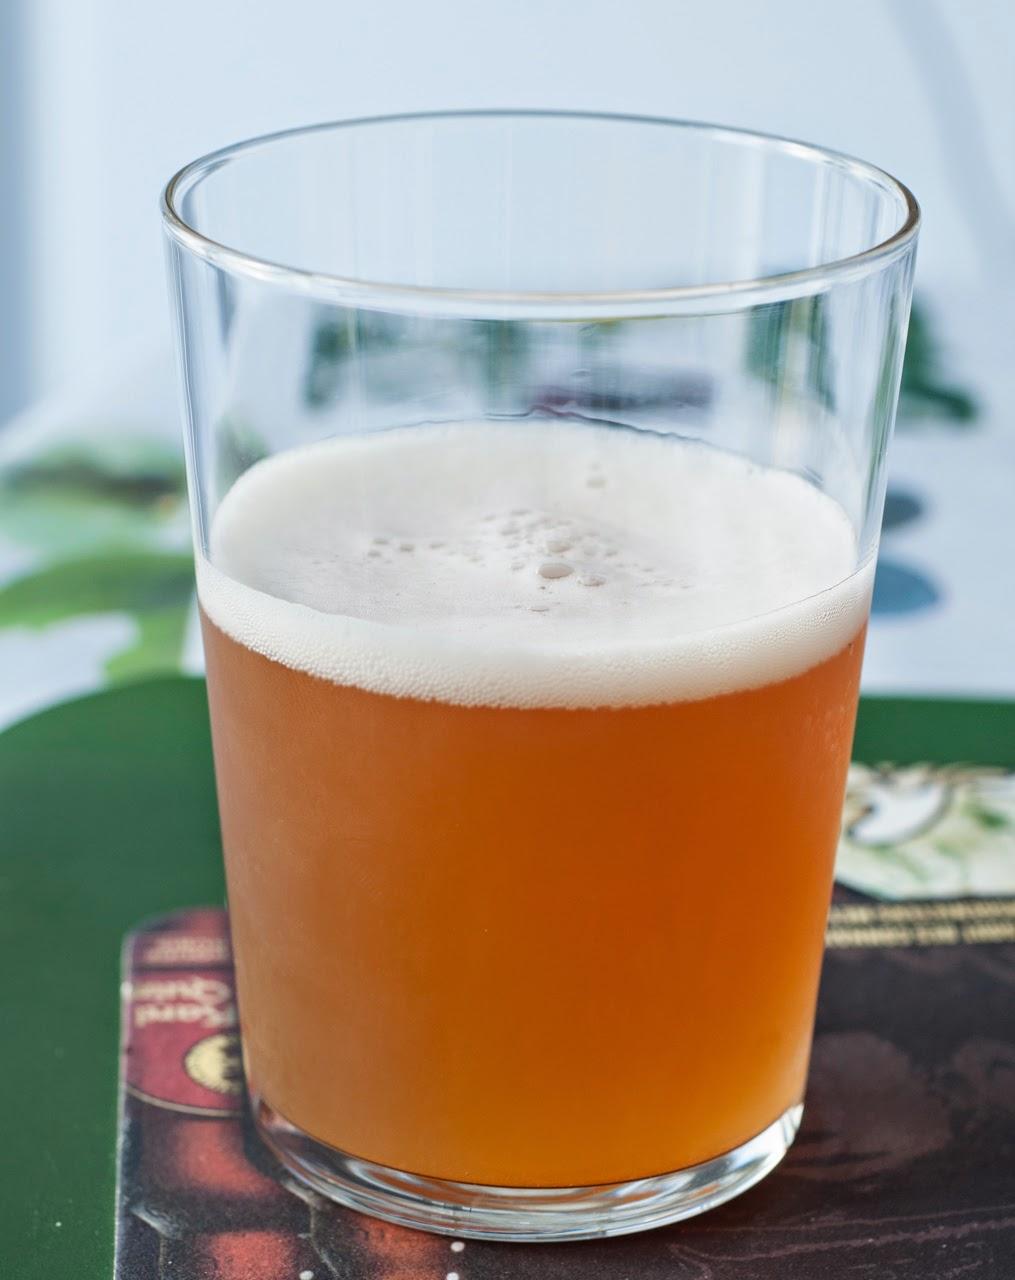 Dupont Biere de Miel (Biologique)